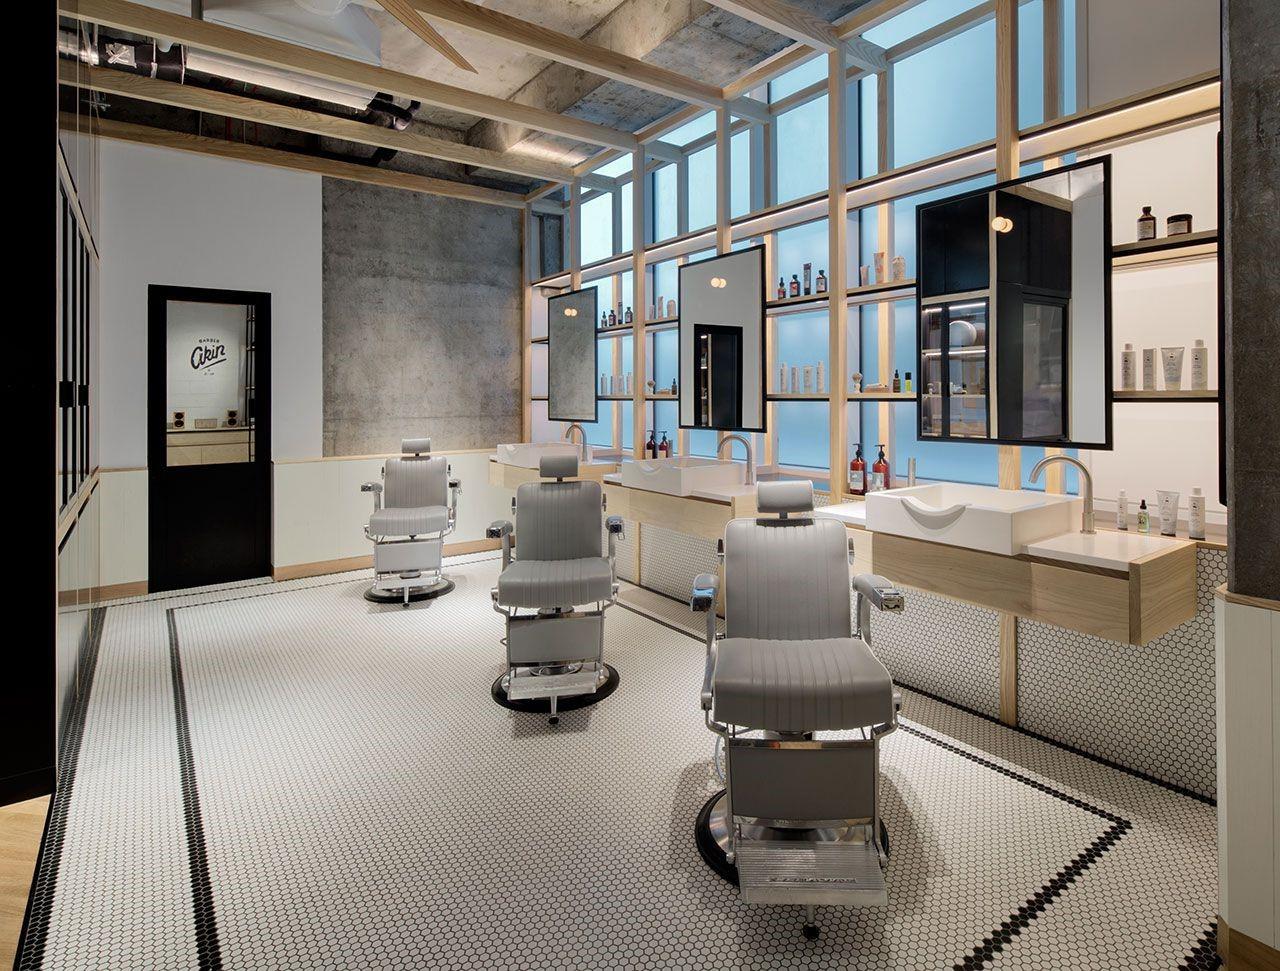 Mobilier coiffure: Concevoir l'intérieur de votre salon est une étape importante, amusante et enrichissante, pour votre entreprise.